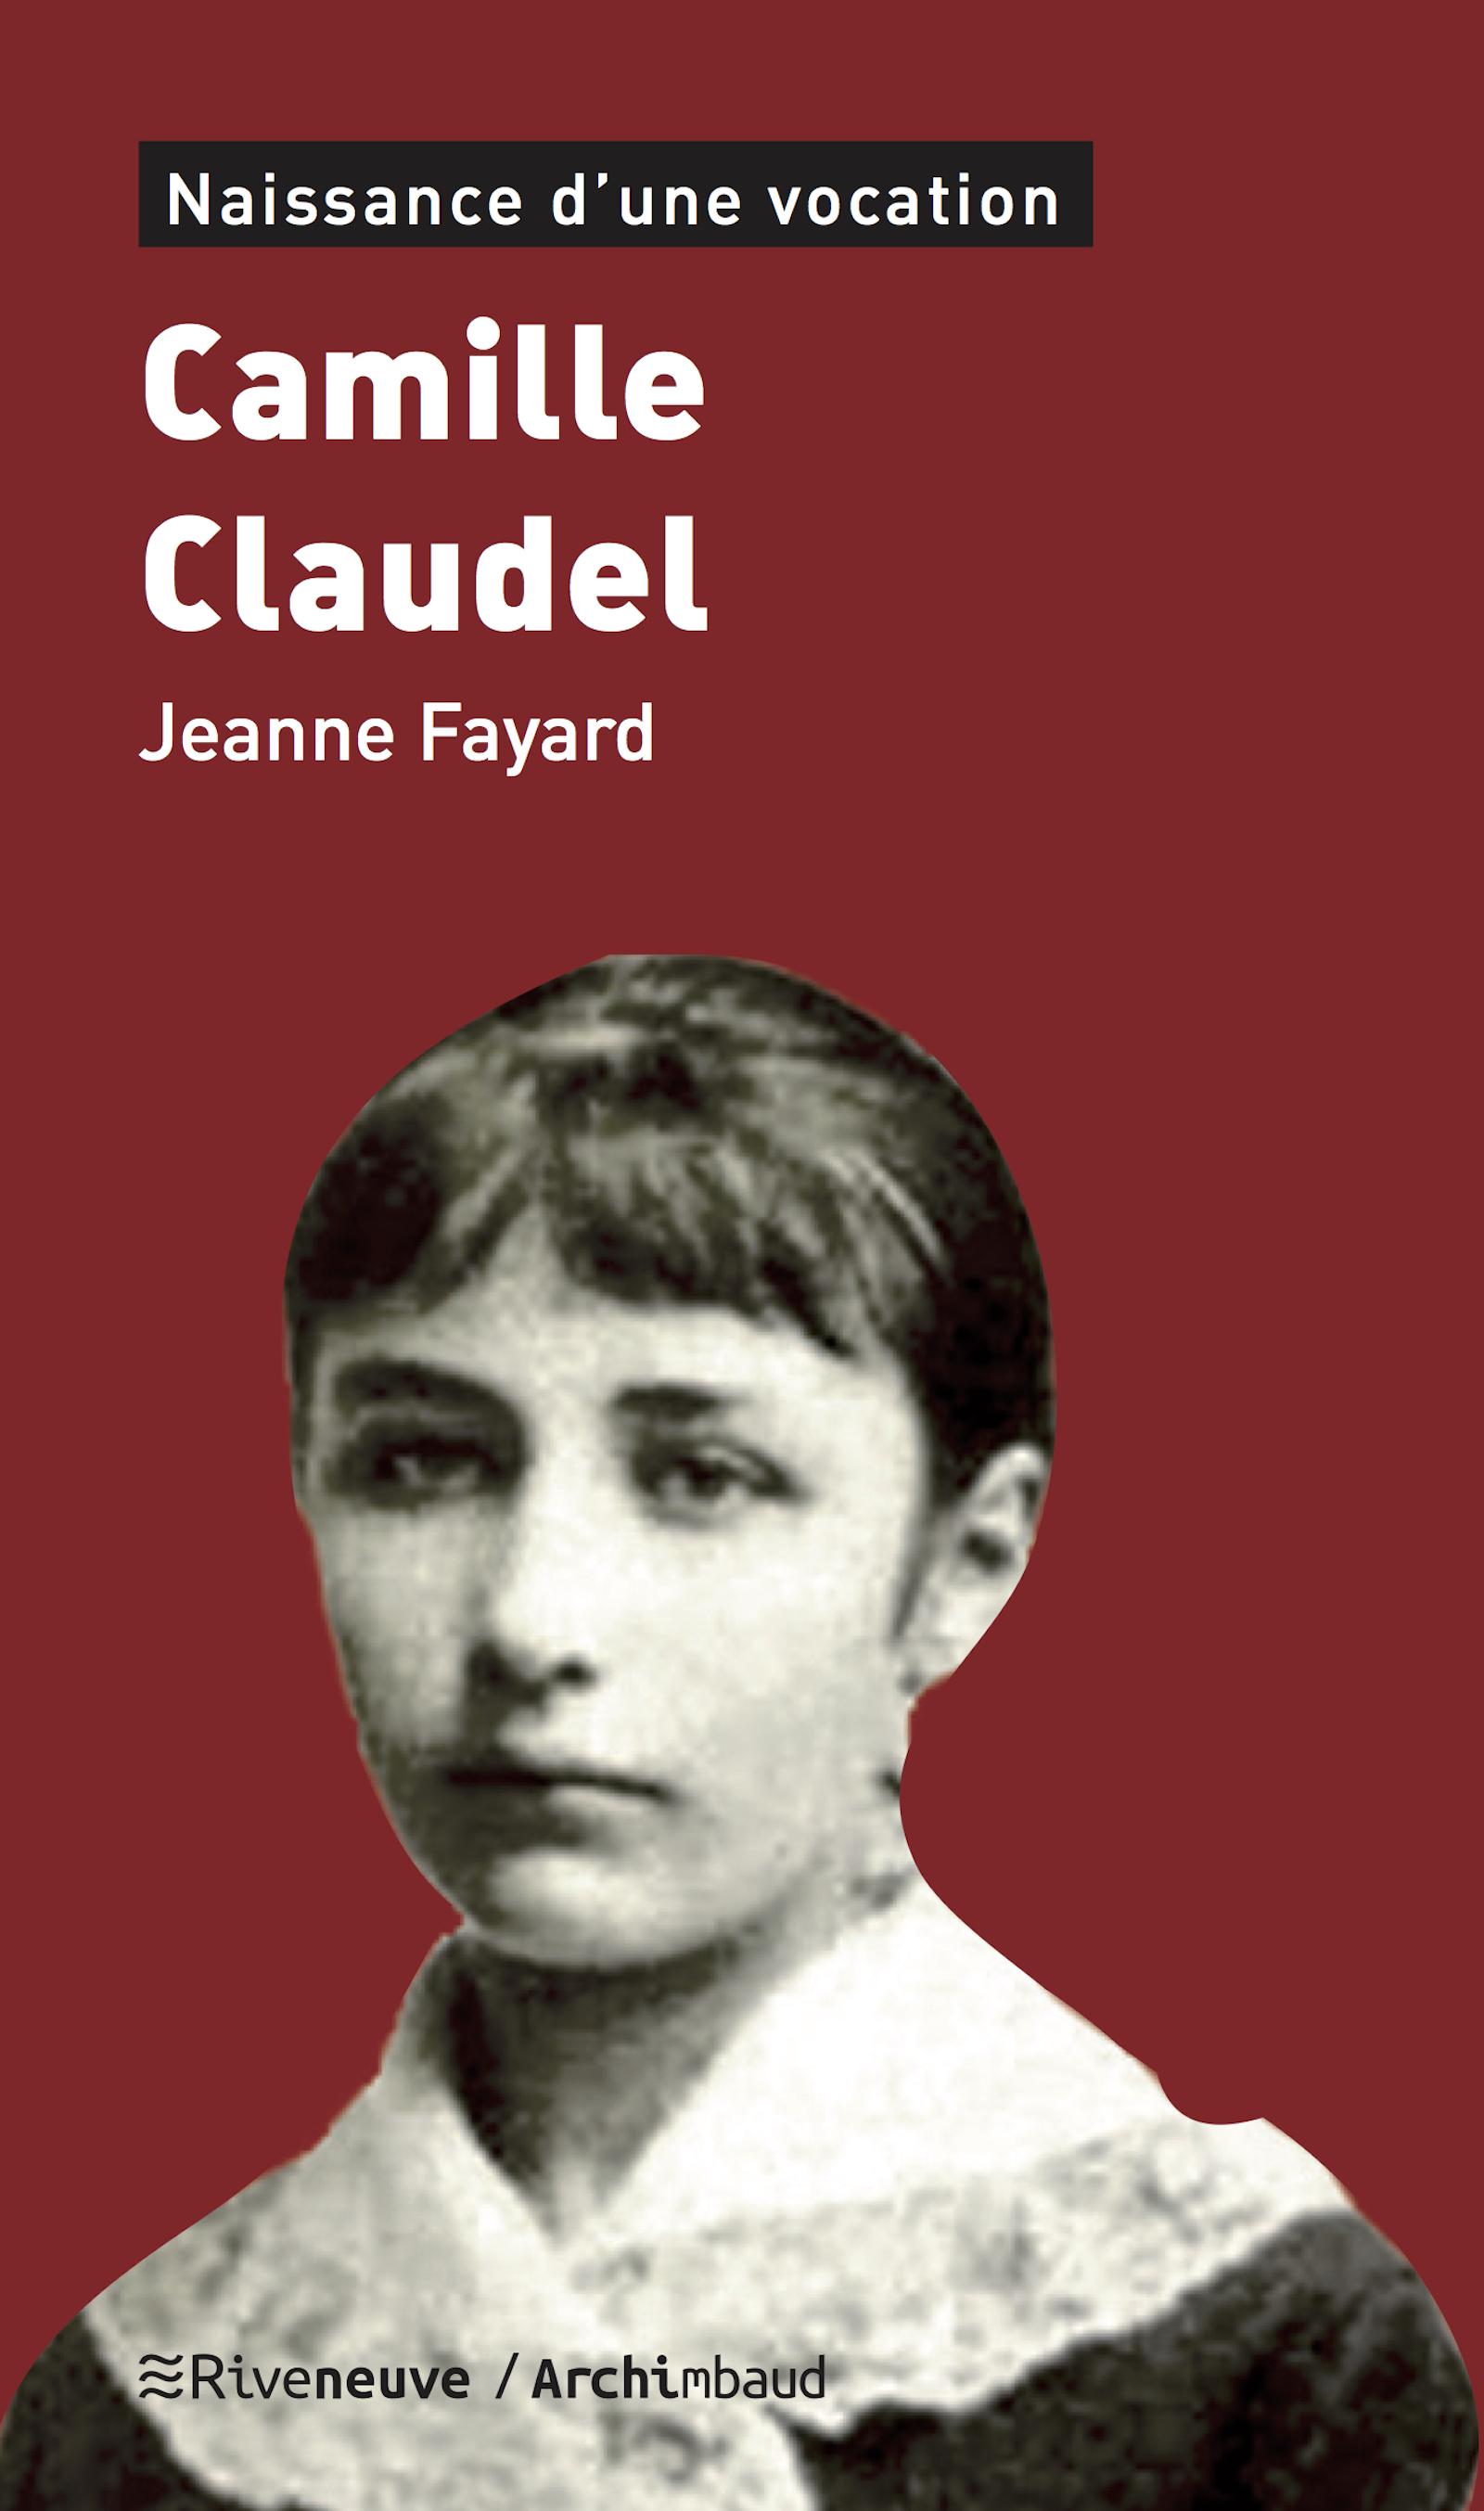 Camille Claudel. Naissance d'une vocation